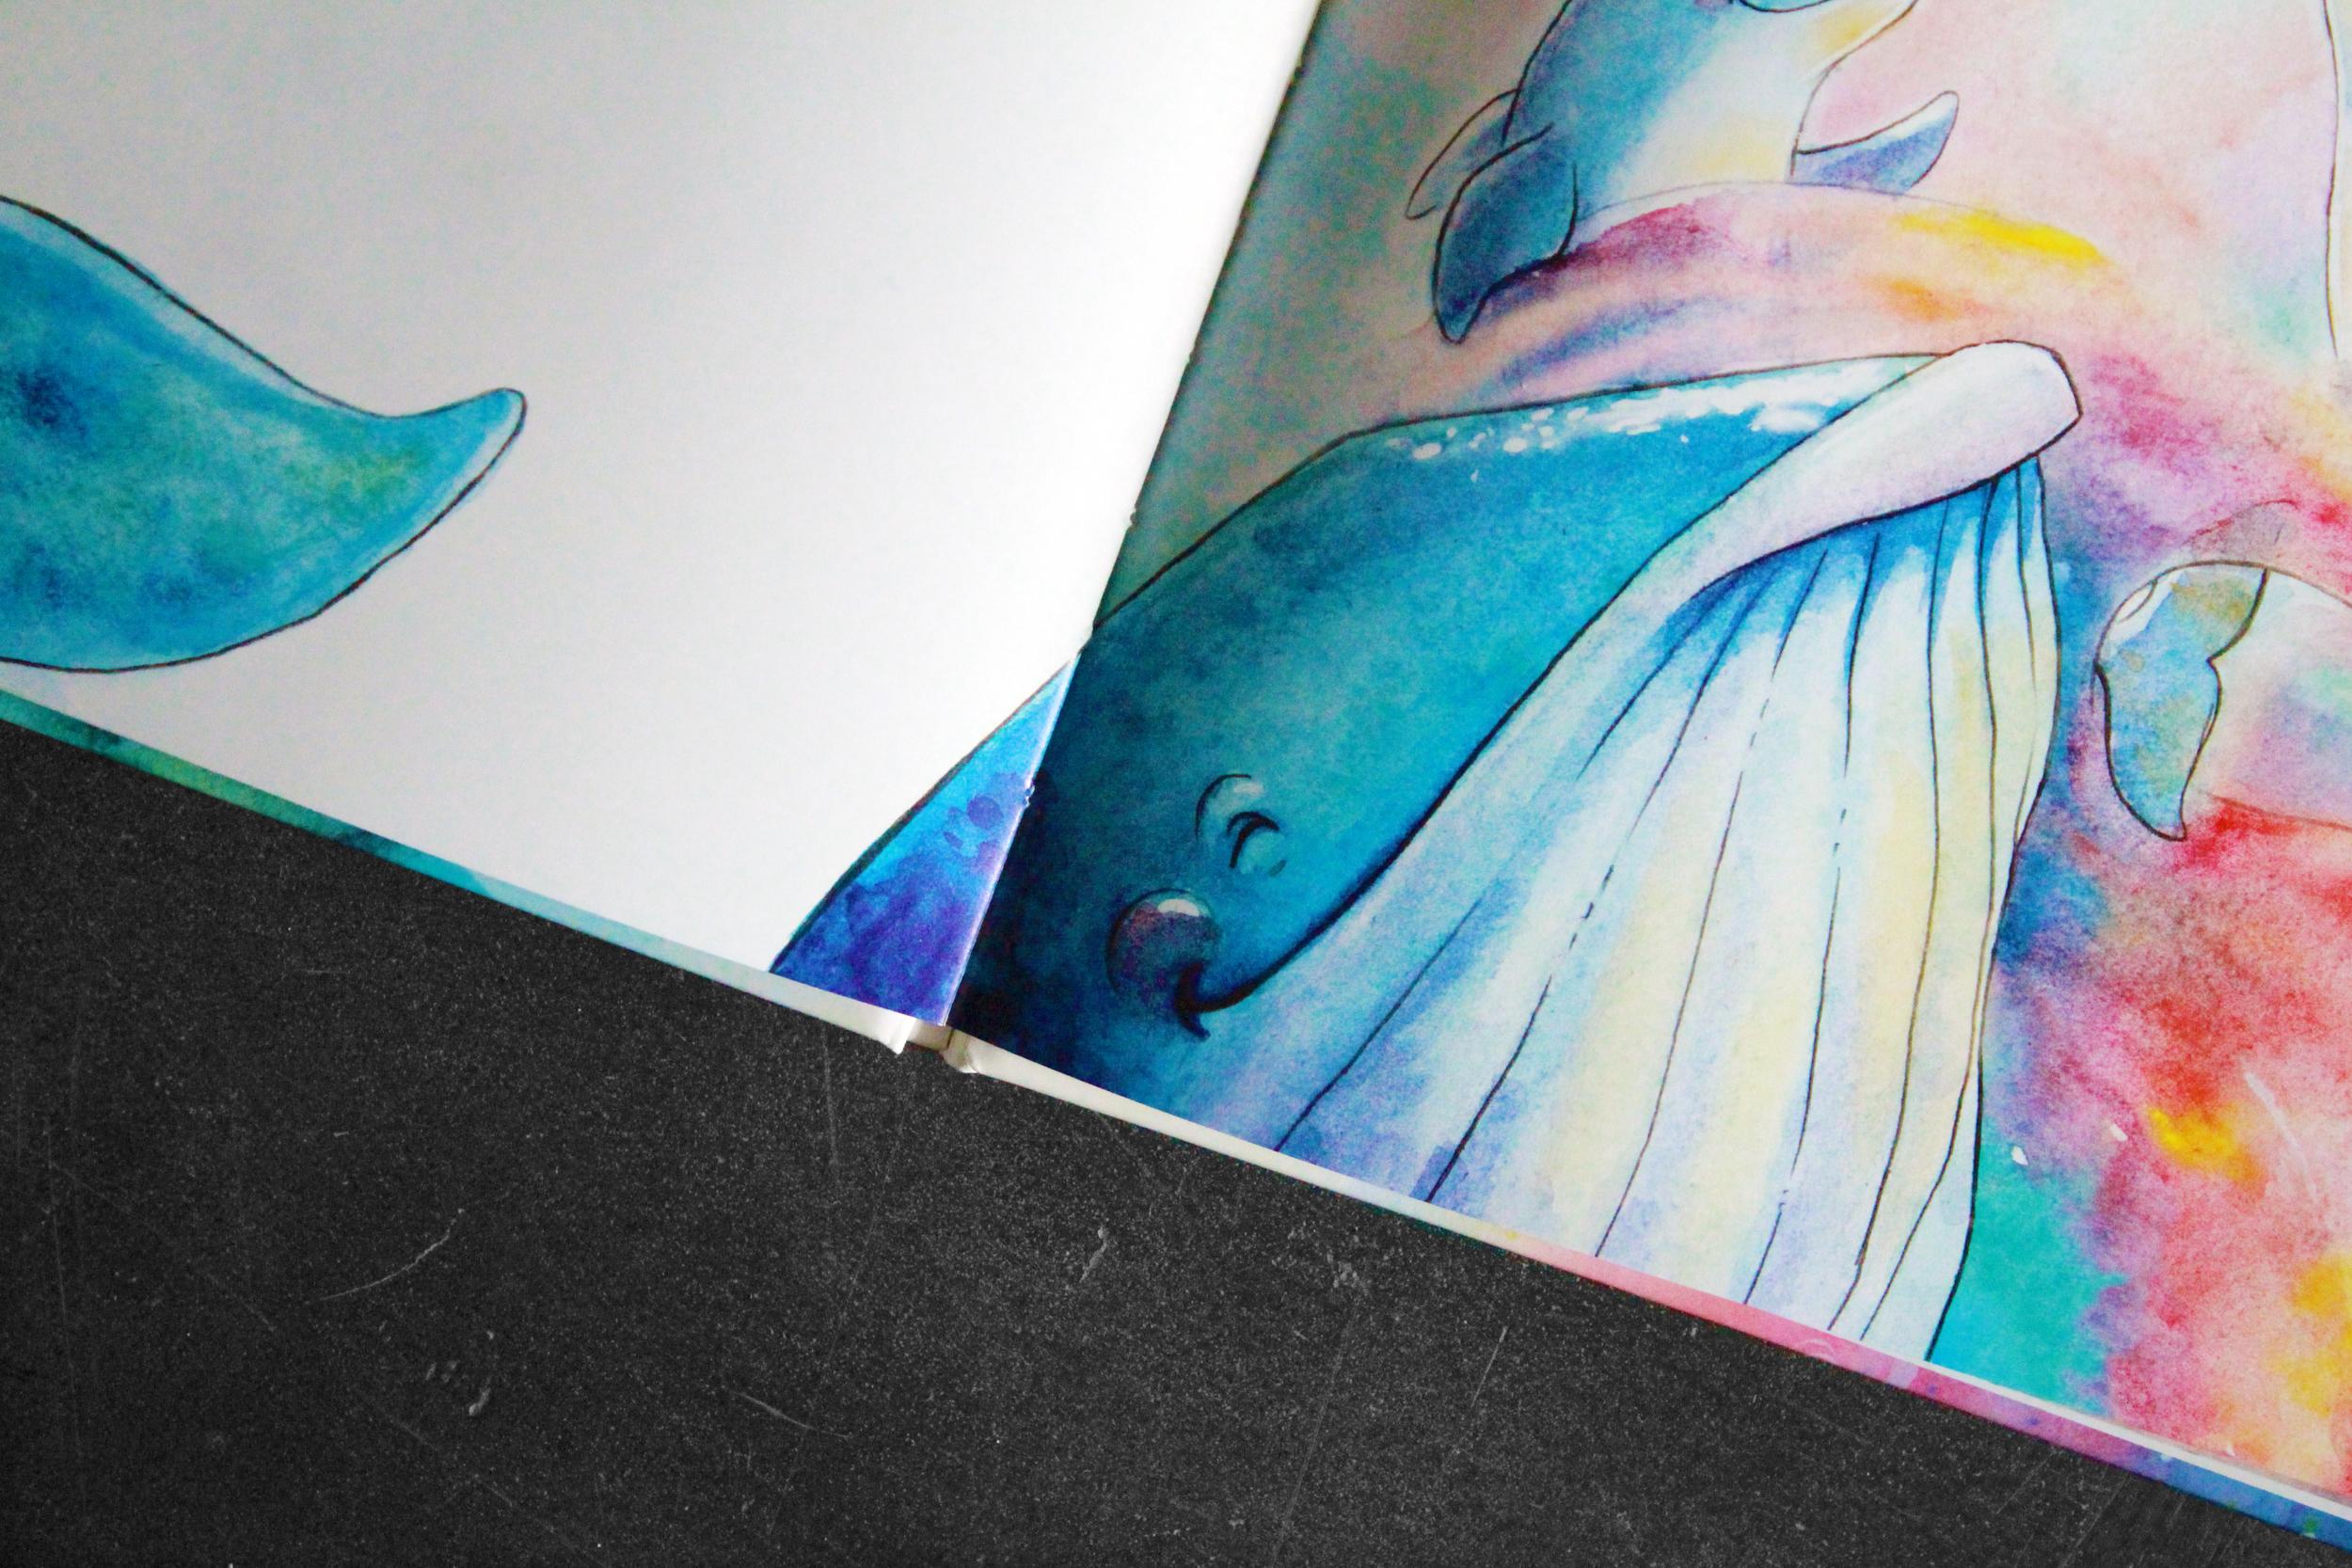 AbiReid_TheWorldGodMadeForMe_whale